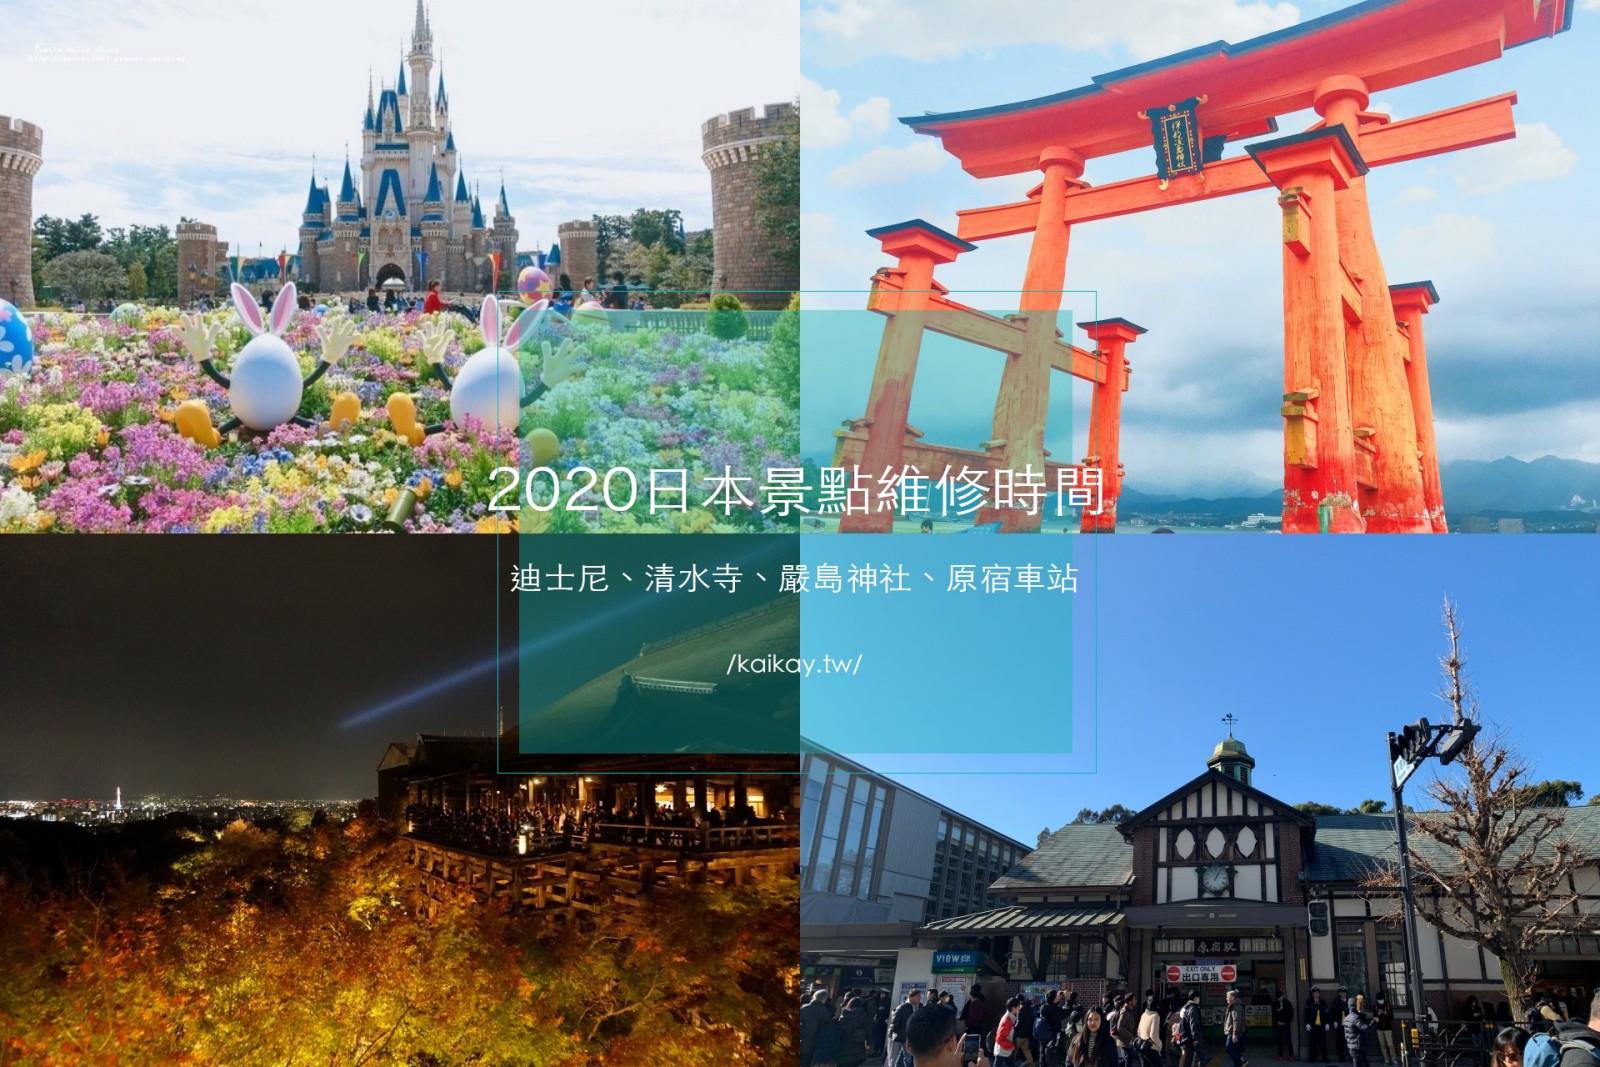 ☆【日本】多想2分鐘、行程不撲空!2020迪士尼、清水寺、嚴島神社、原宿車站維修時間 @凱的日本食尚日記